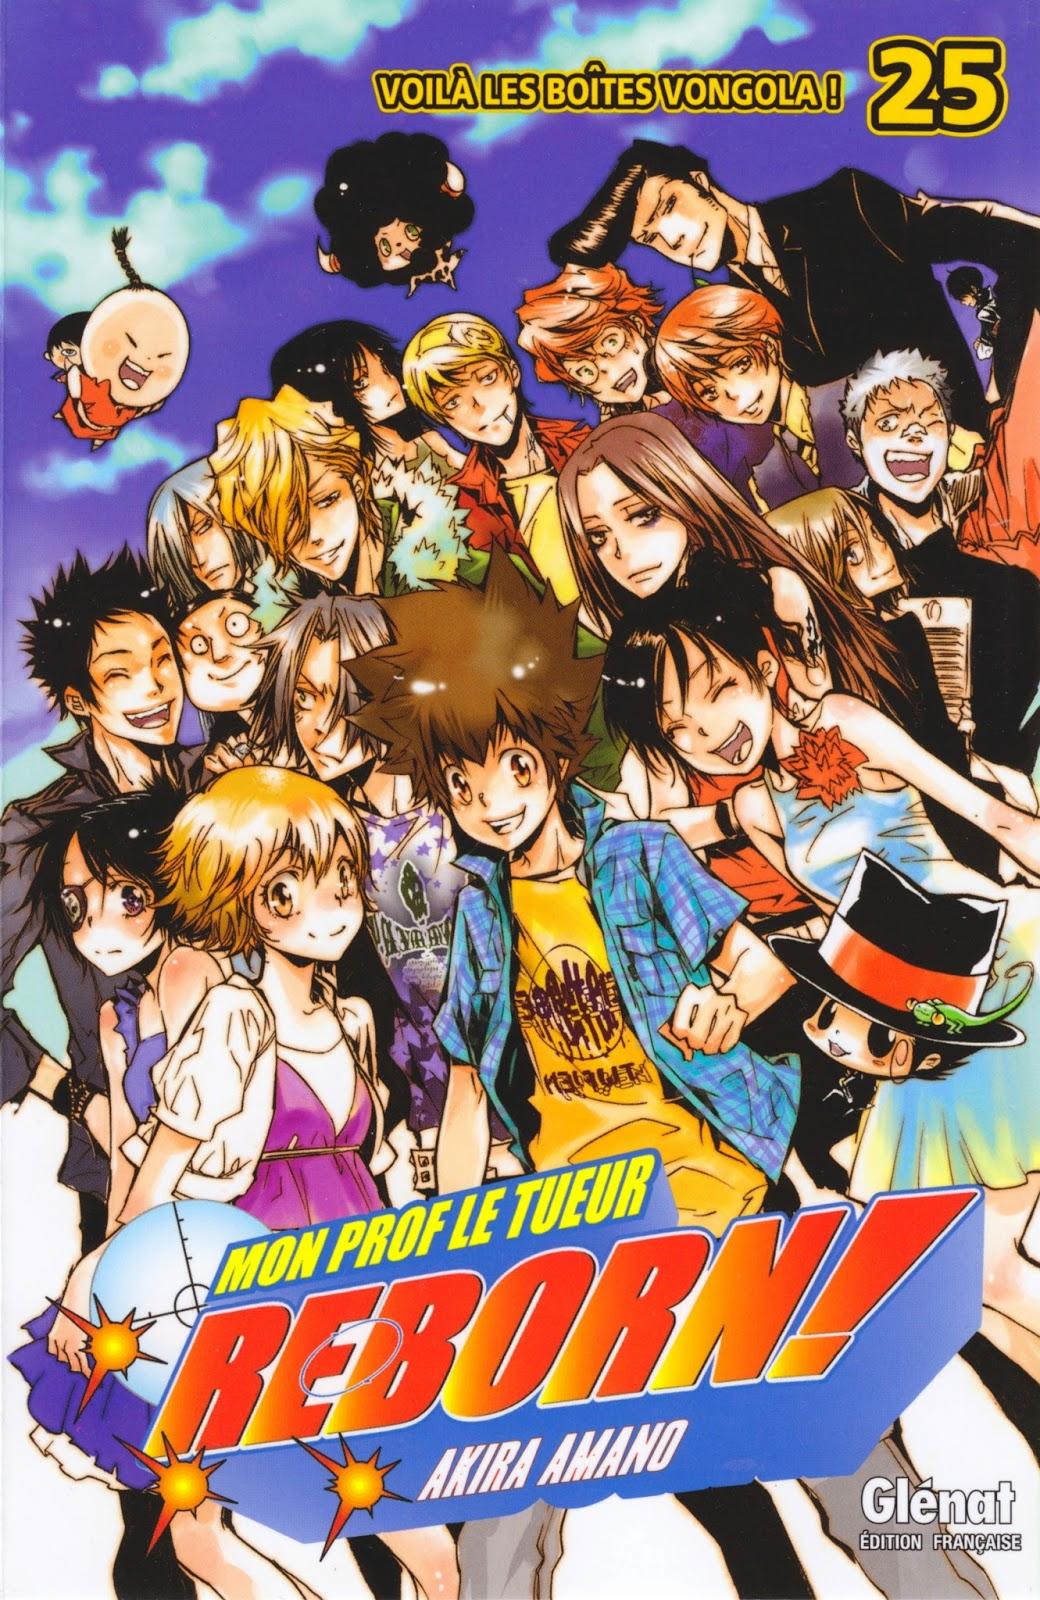 Stefan S Reviews Katekyo Hitman Reborn Manga Review